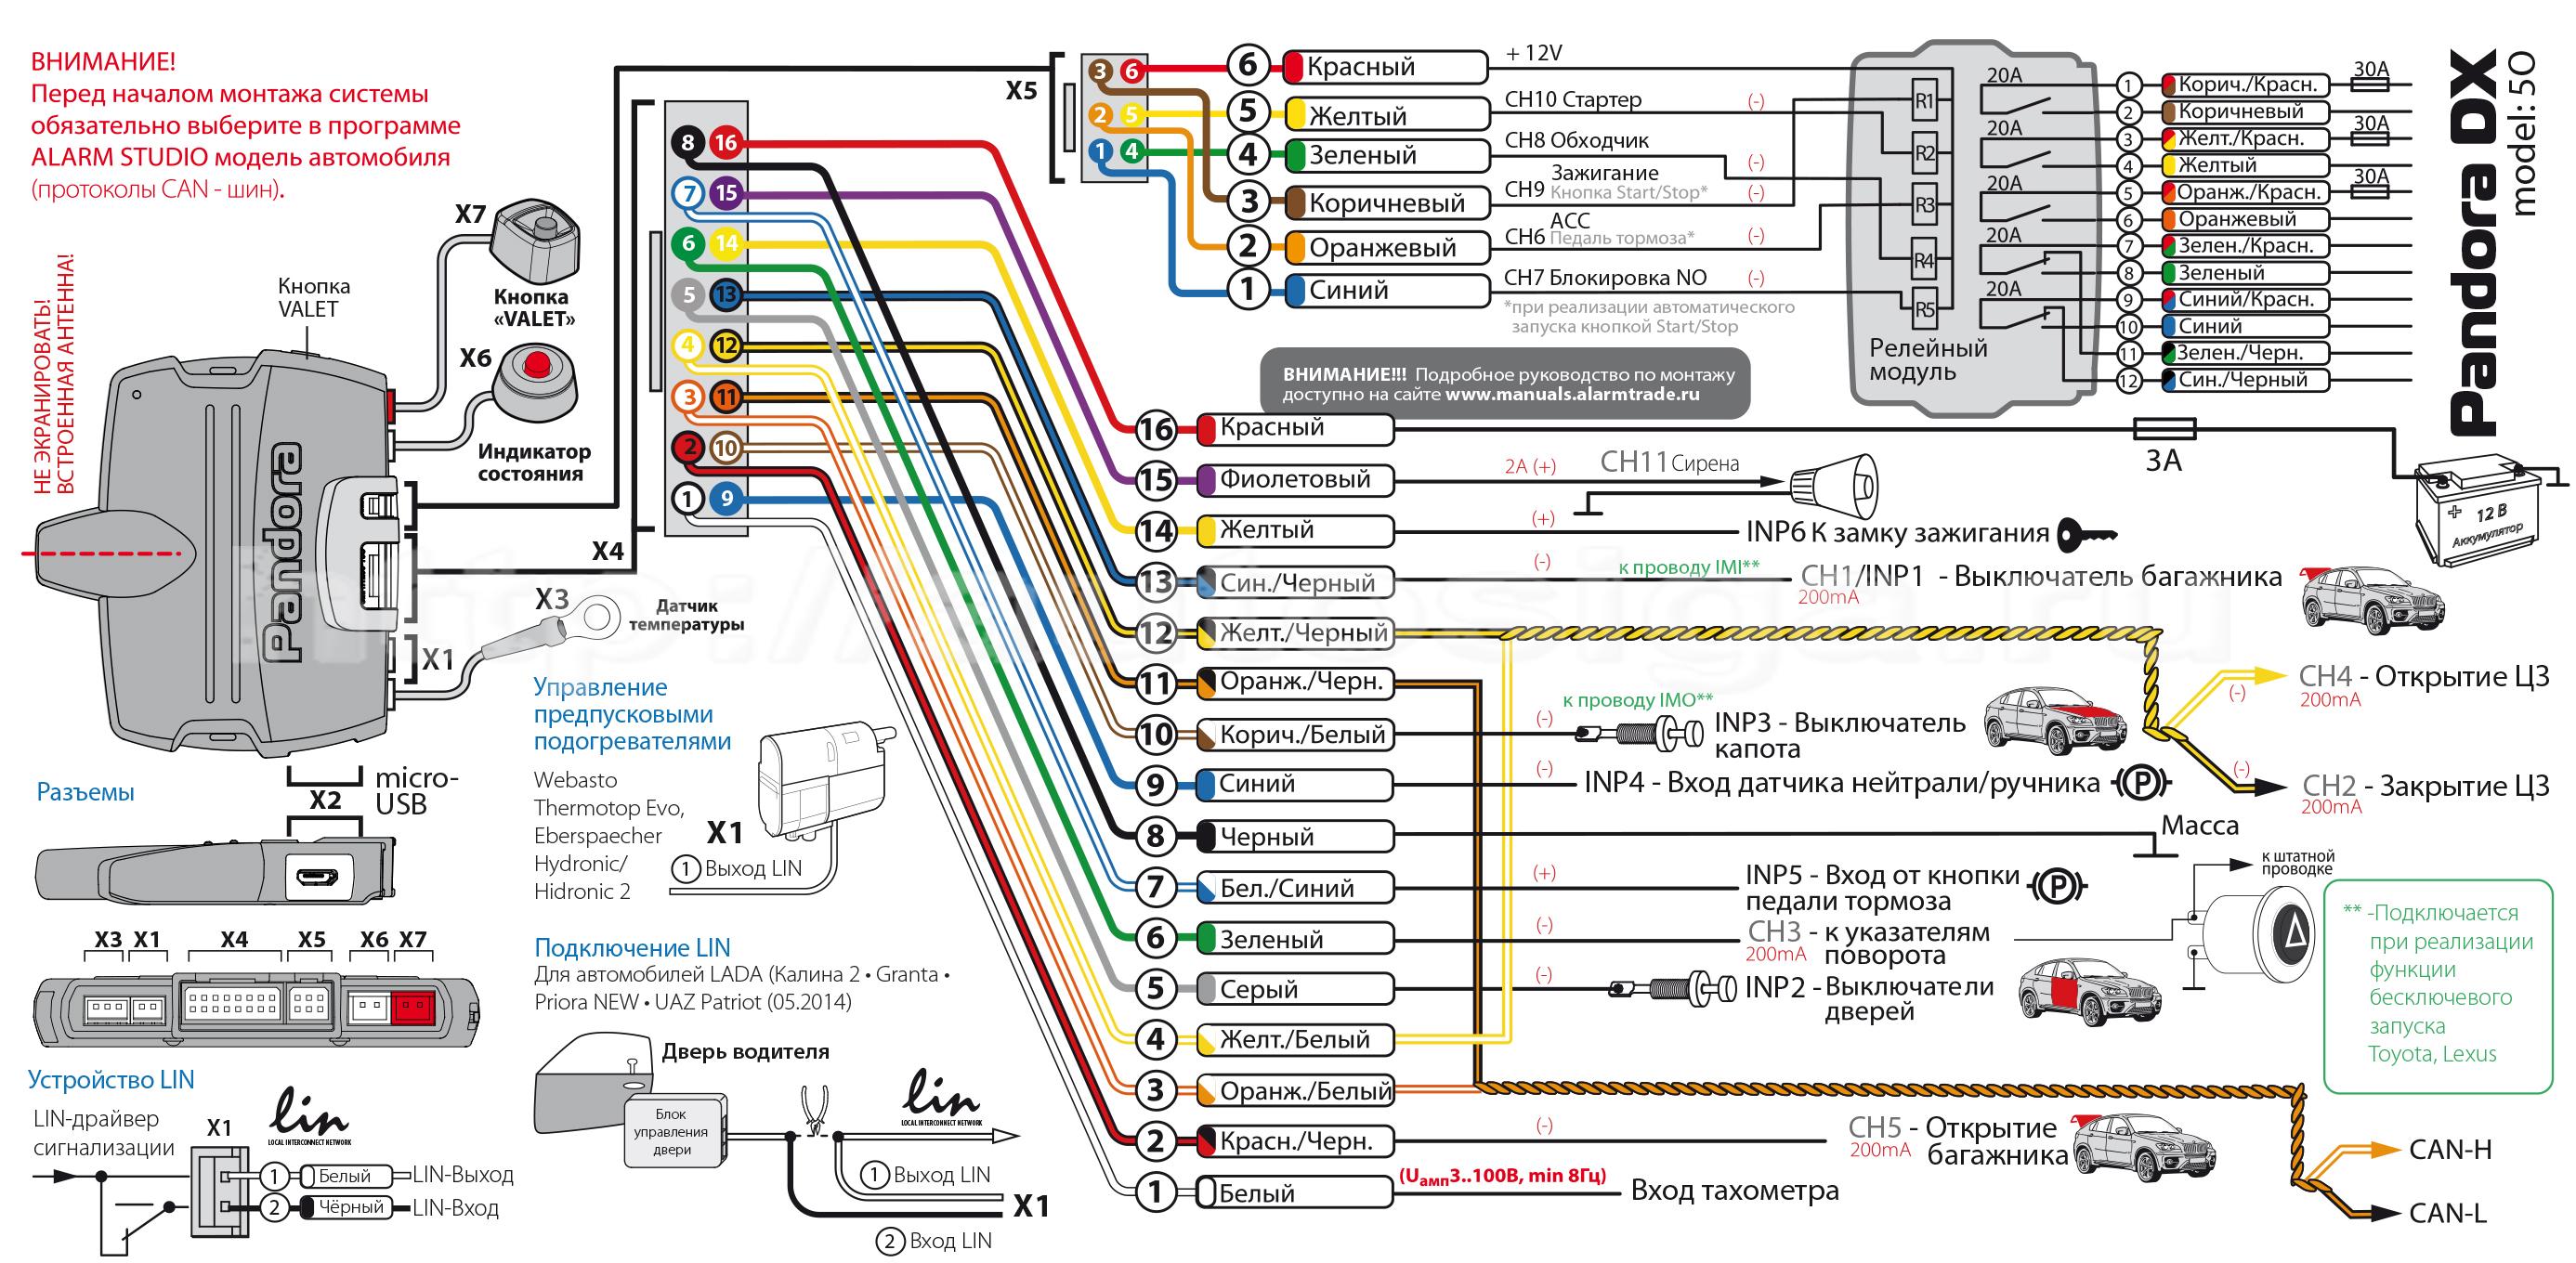 пандора 3300 инструкция по программированию